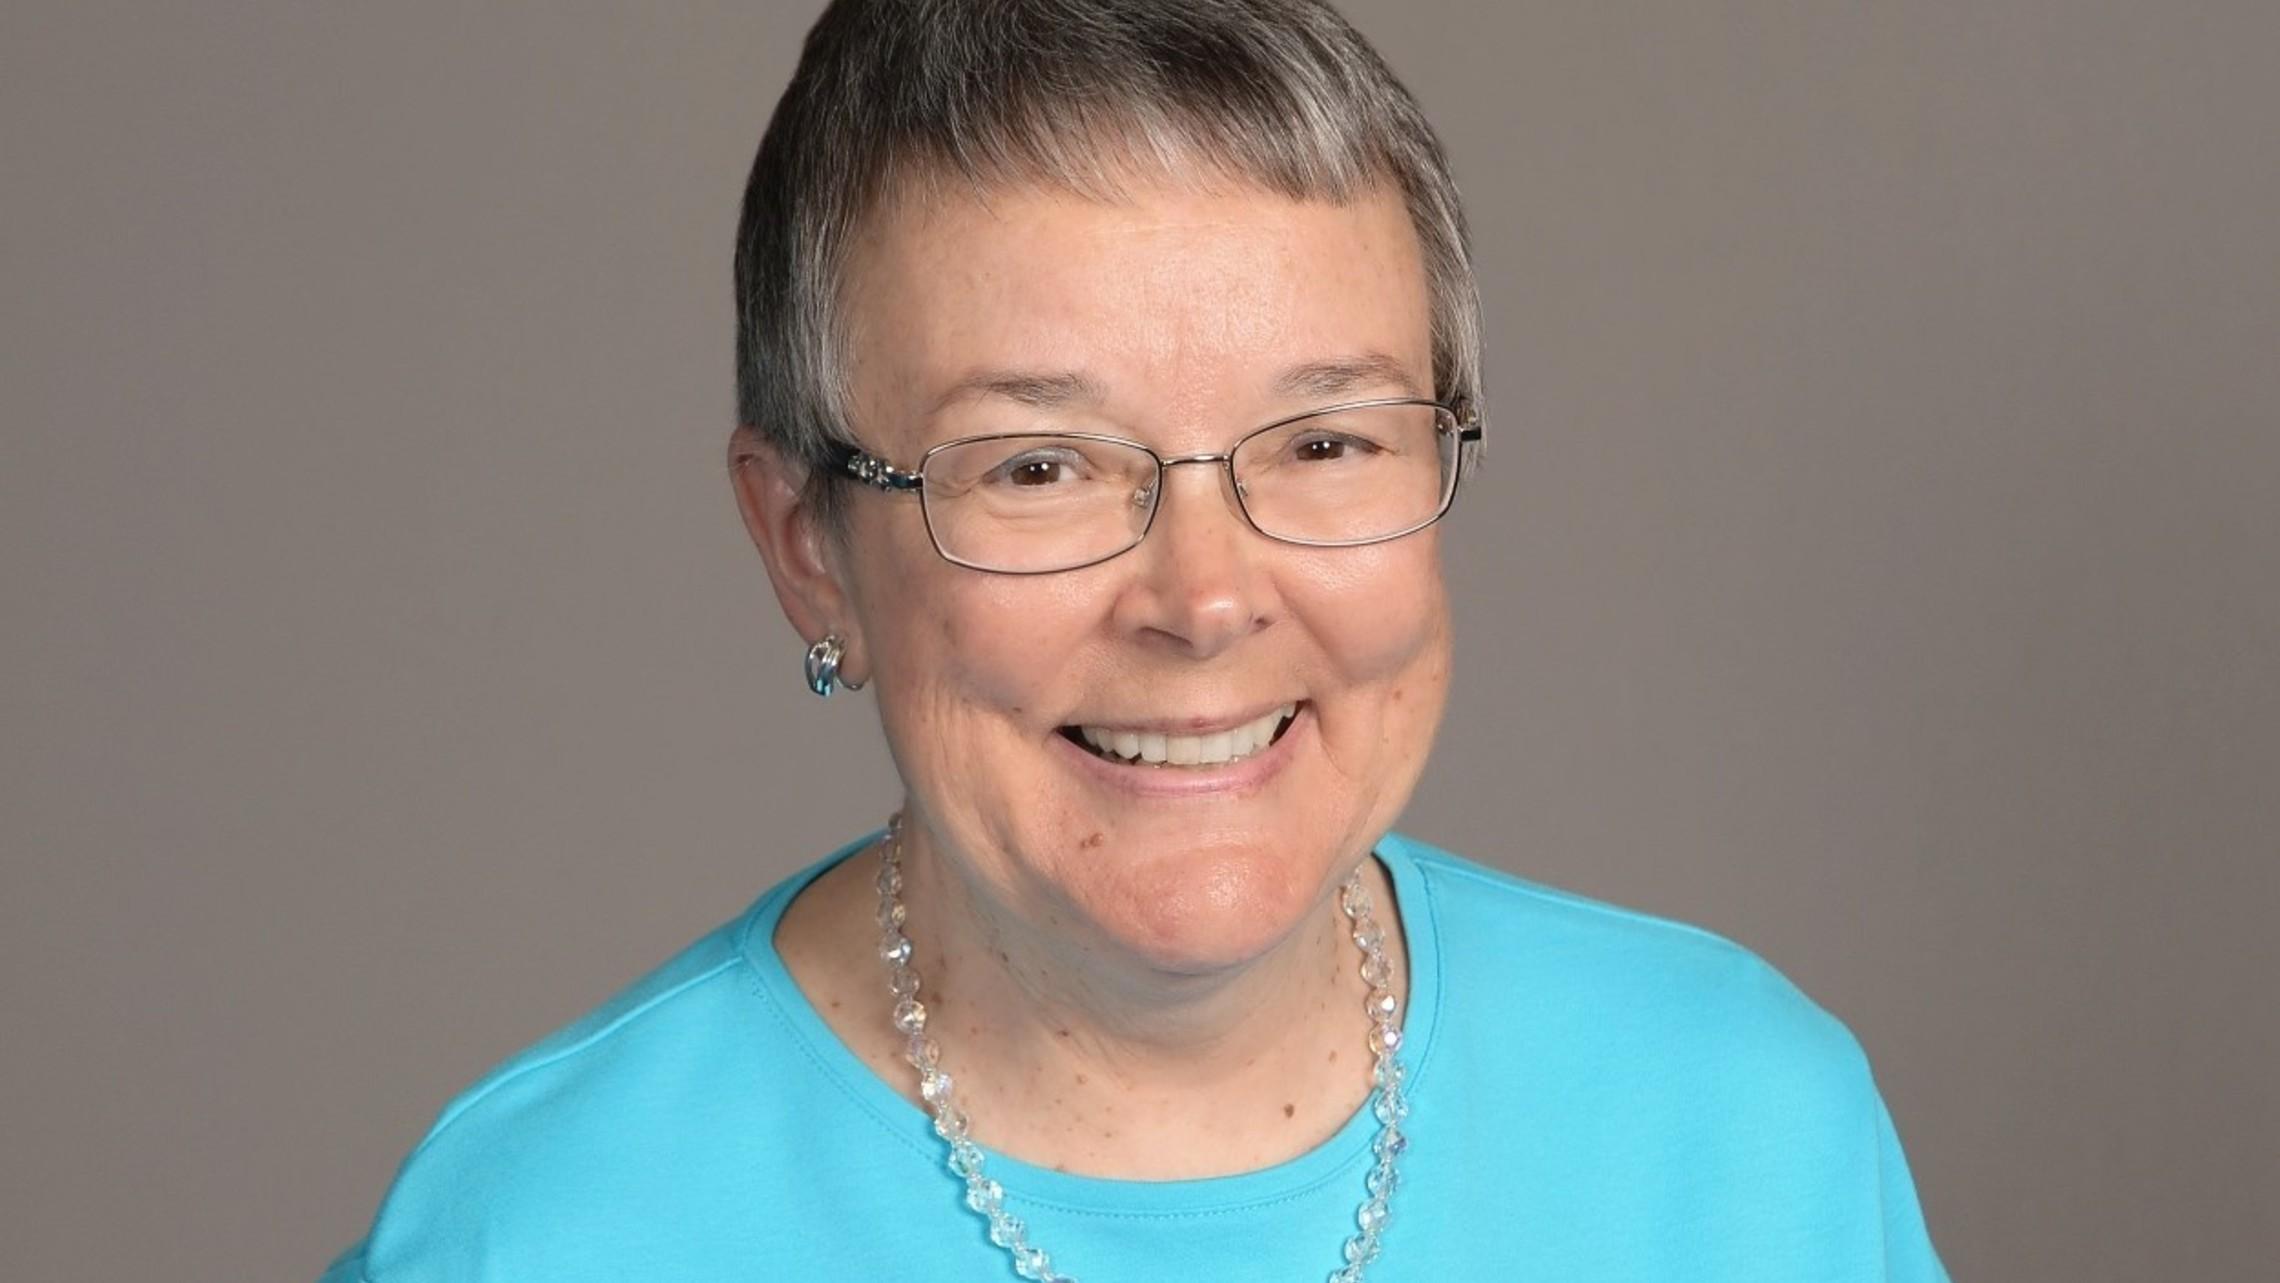 Marjorie Melendez